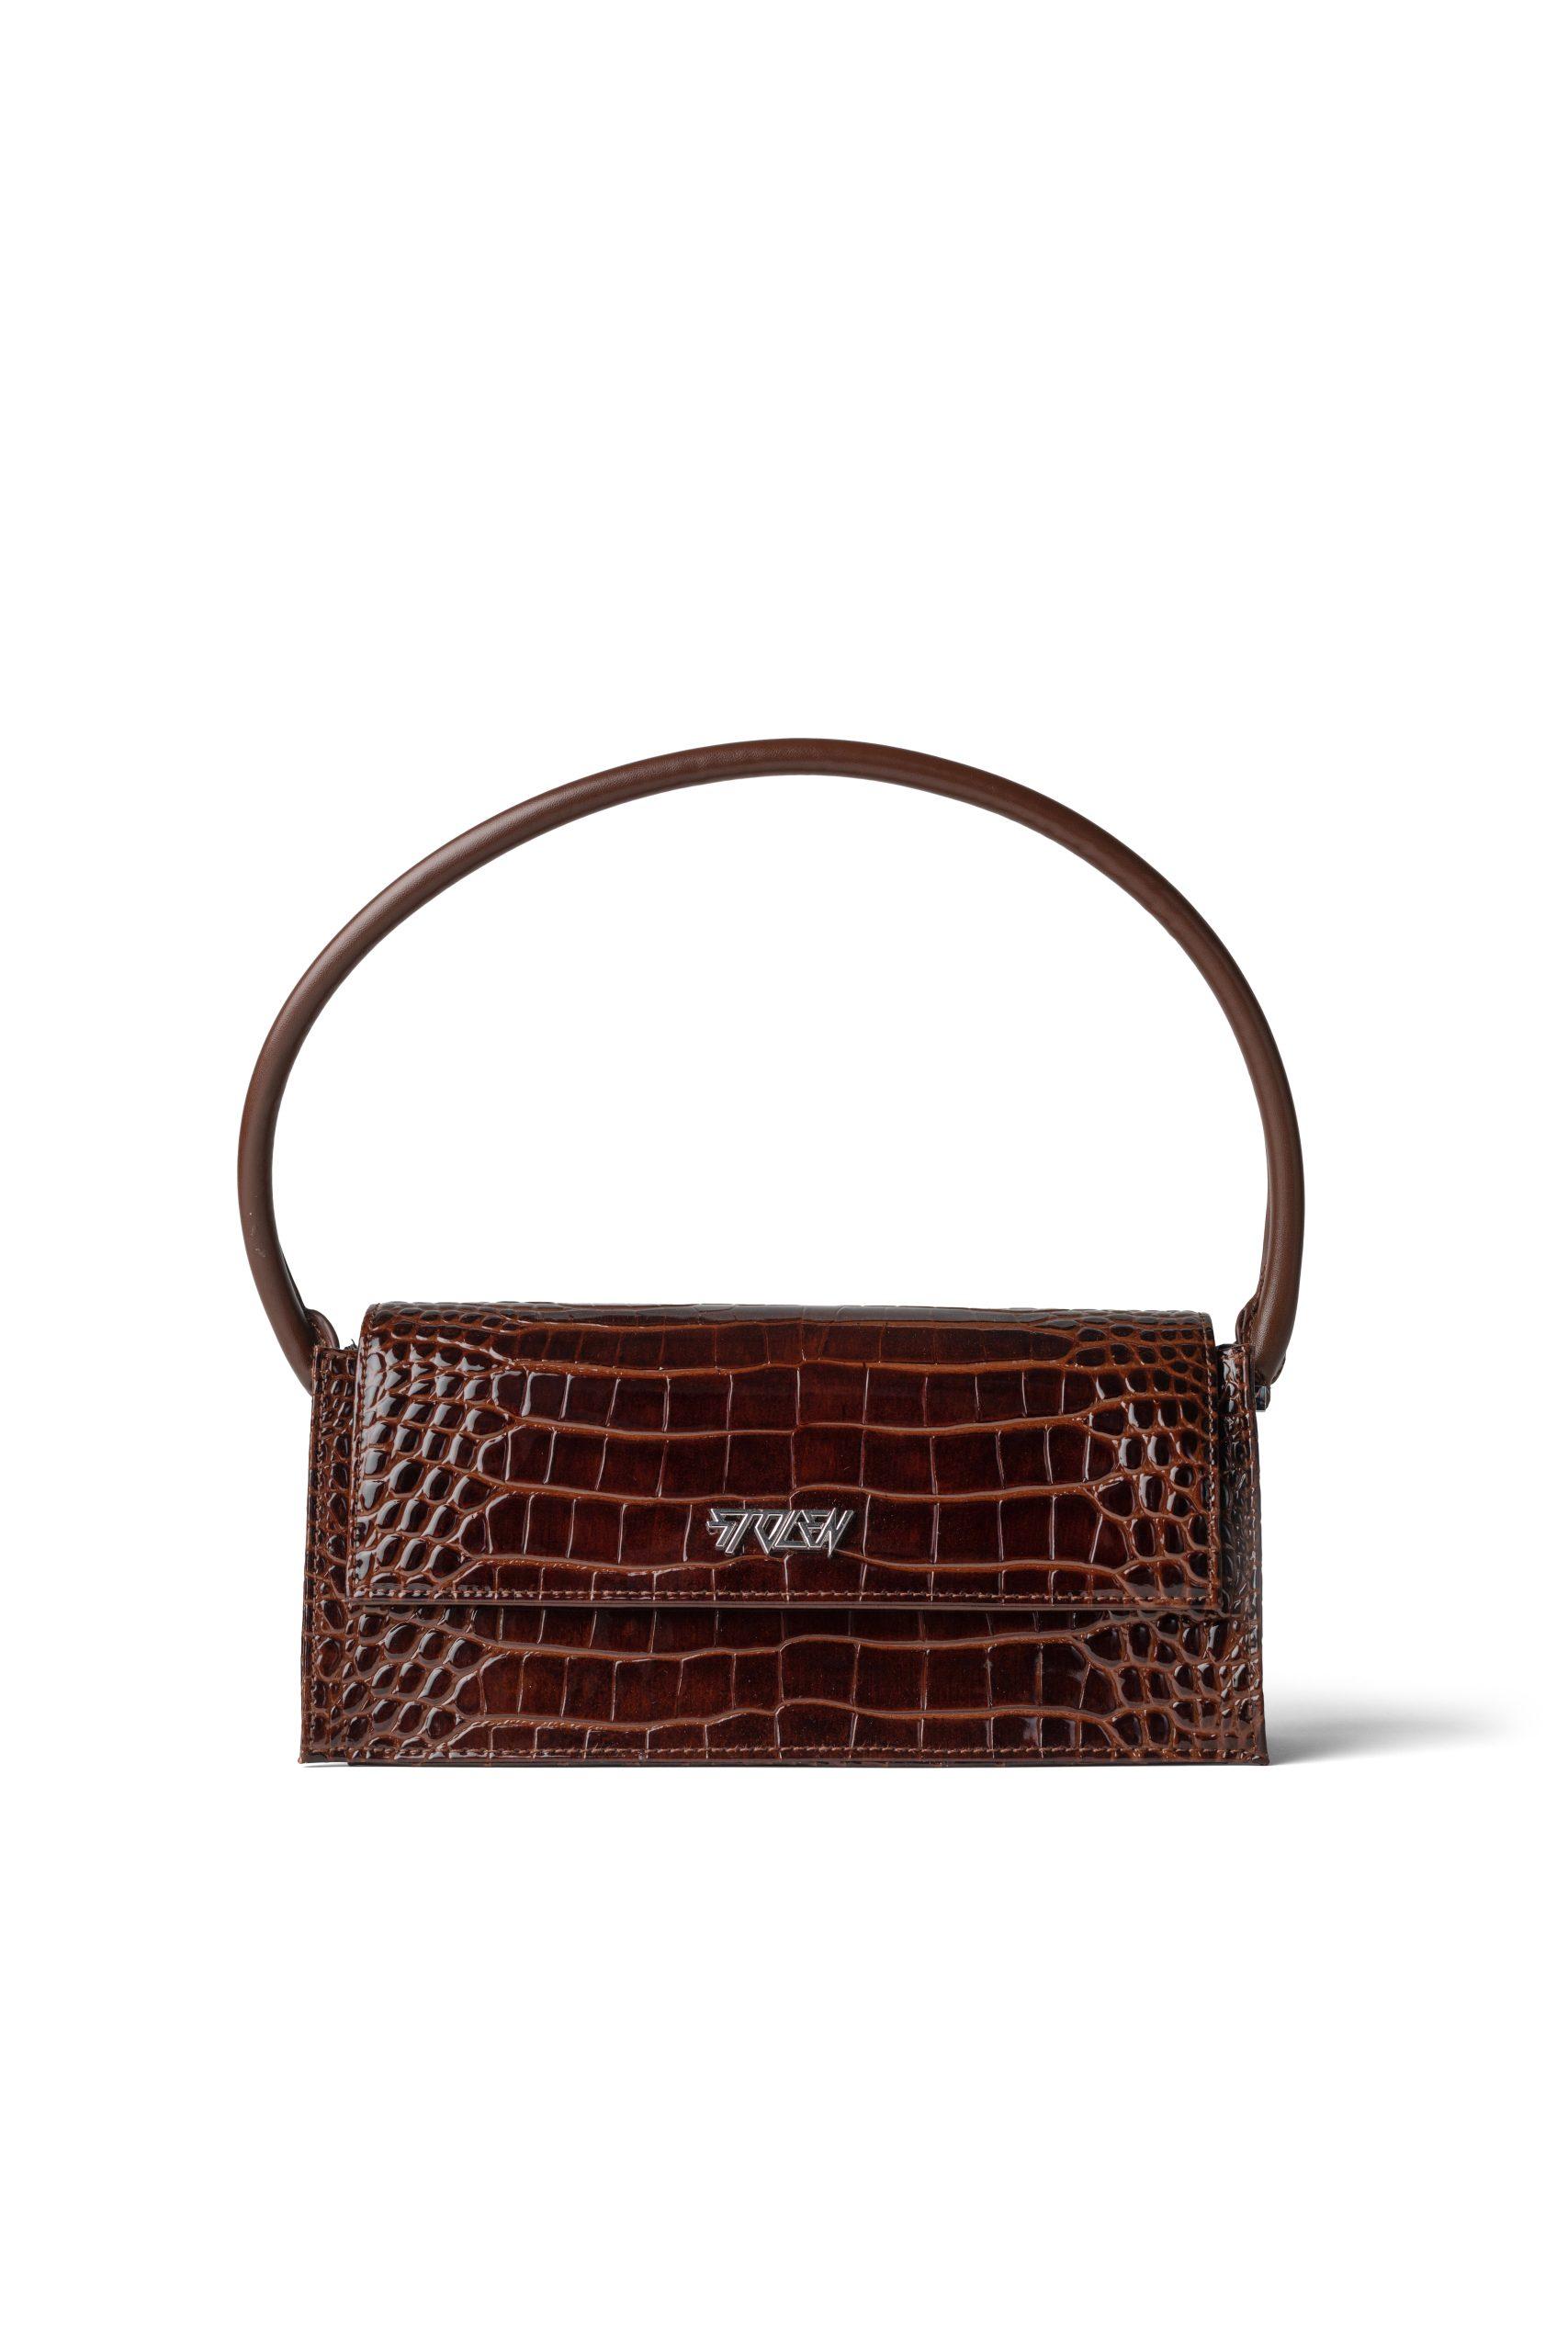 B048 Limo Bag Auburn RRP $349